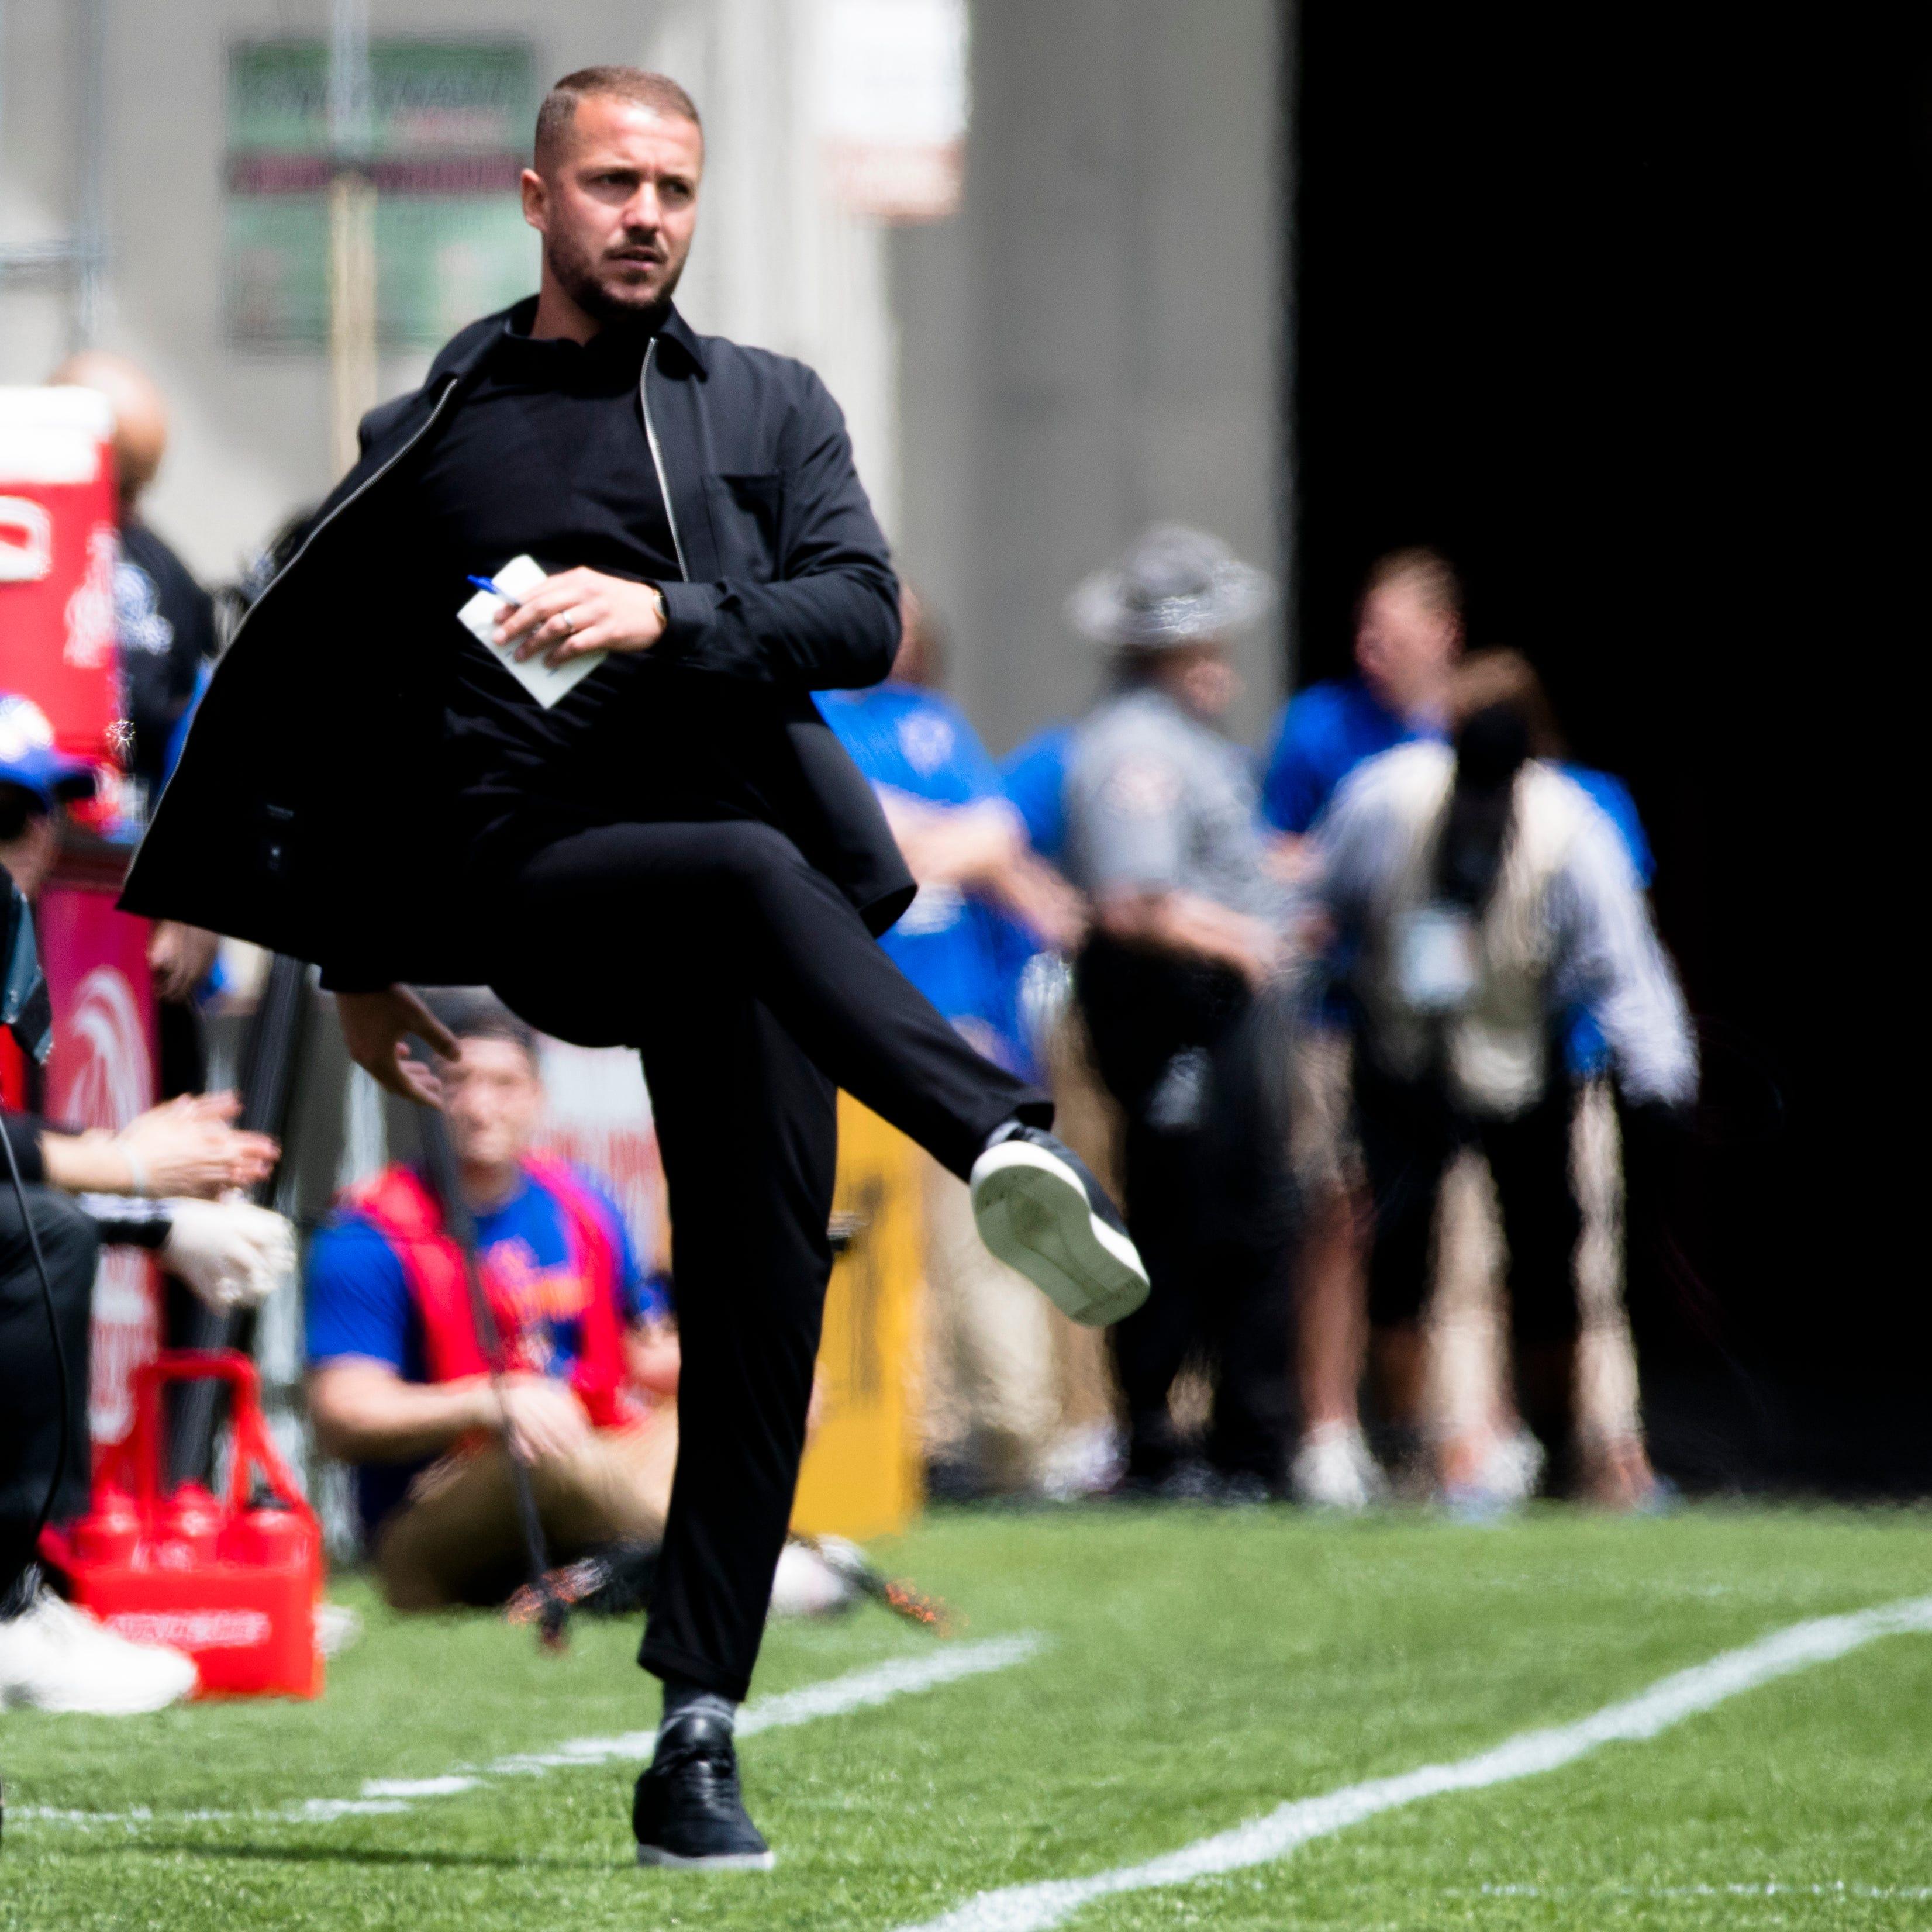 Paul Daugherty: The Yoann Damet era begins for FC Cincinnati